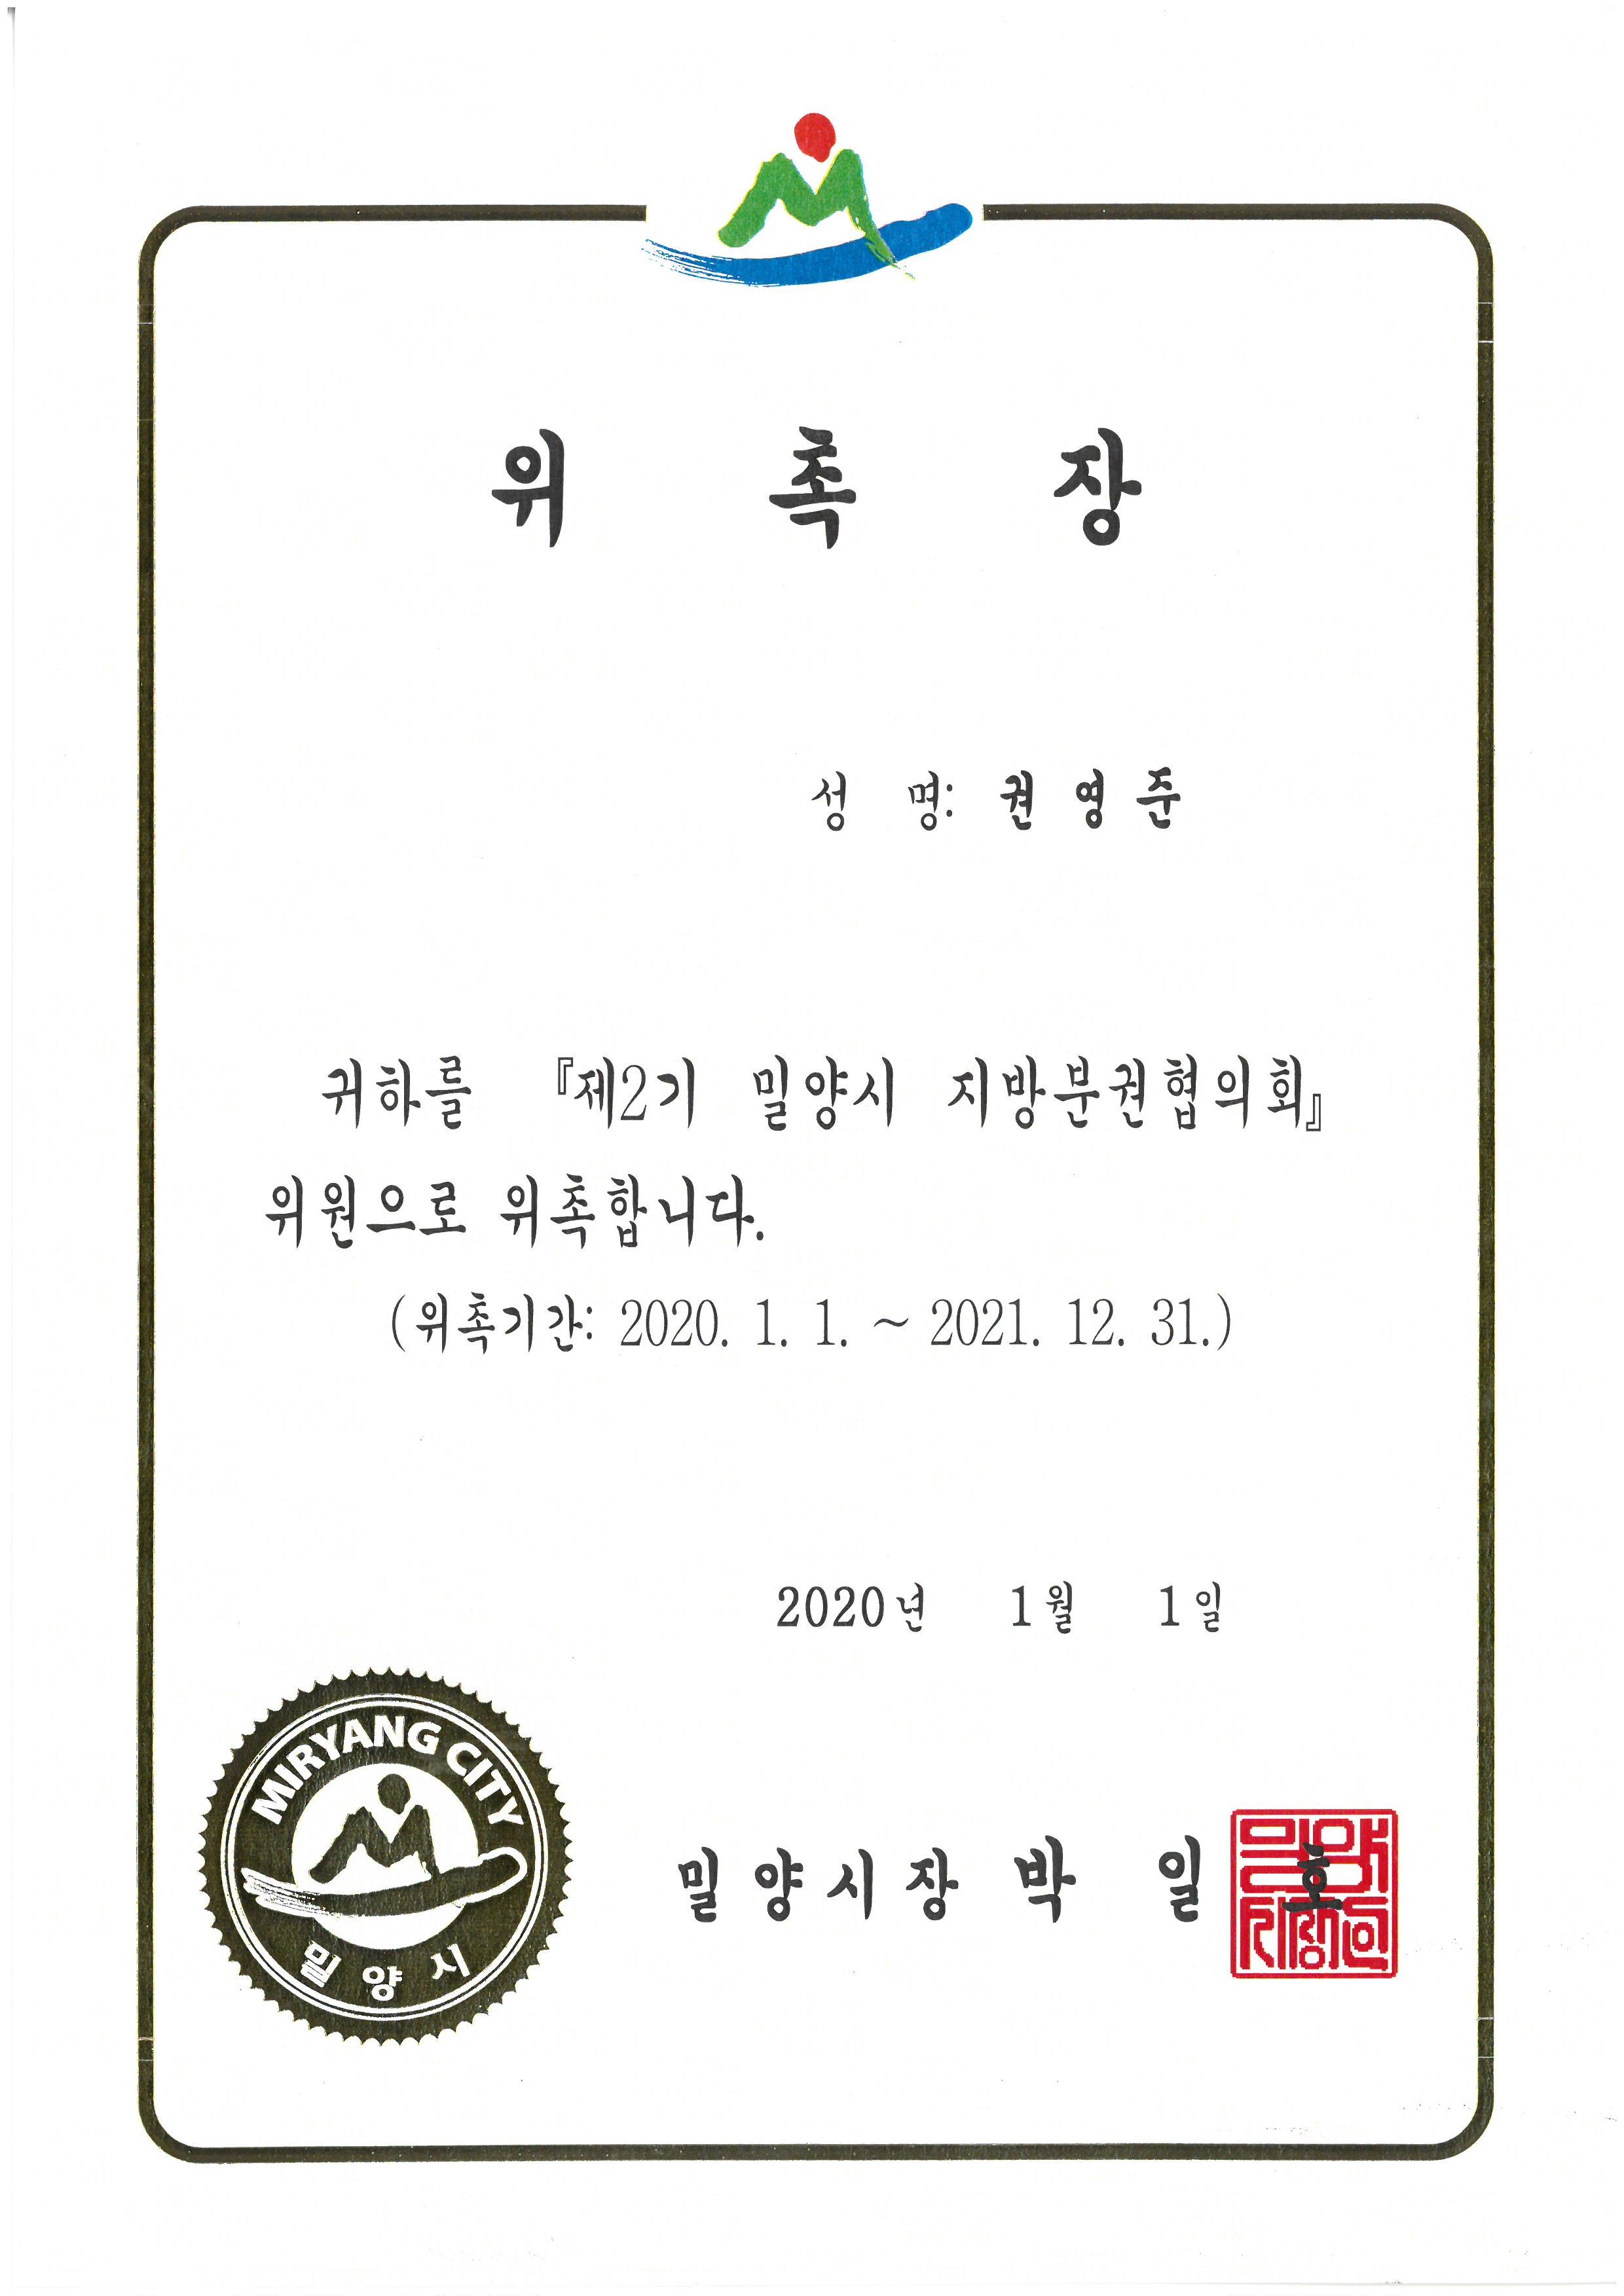 밀양시지방분권위원회위촉장.jpg